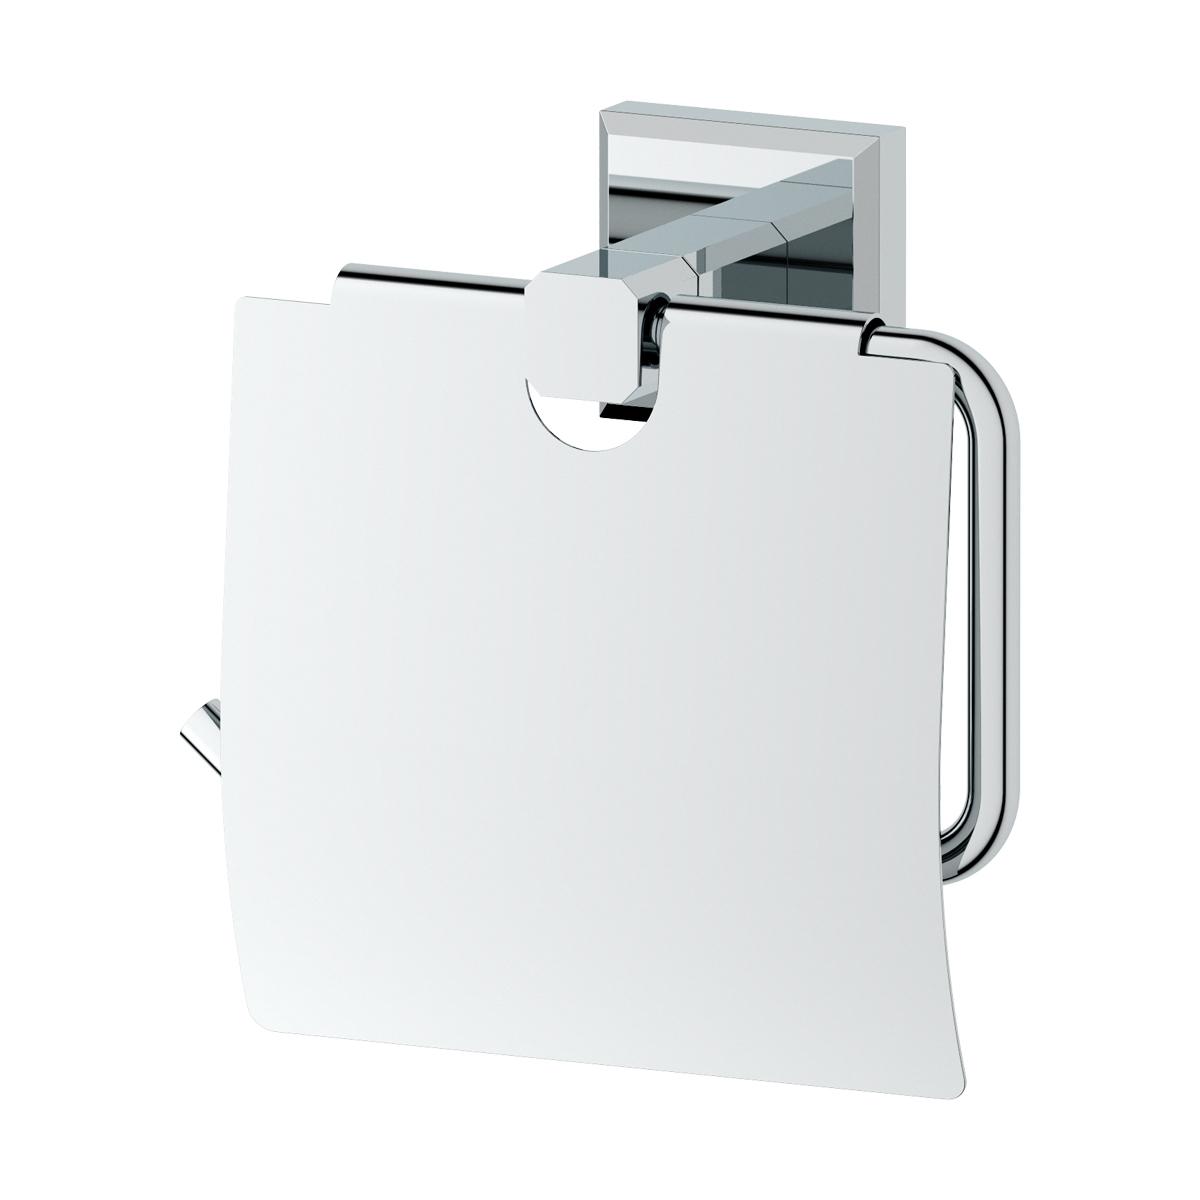 Держатель туалетной бумаги с крышкой Artwelle hagel недорого